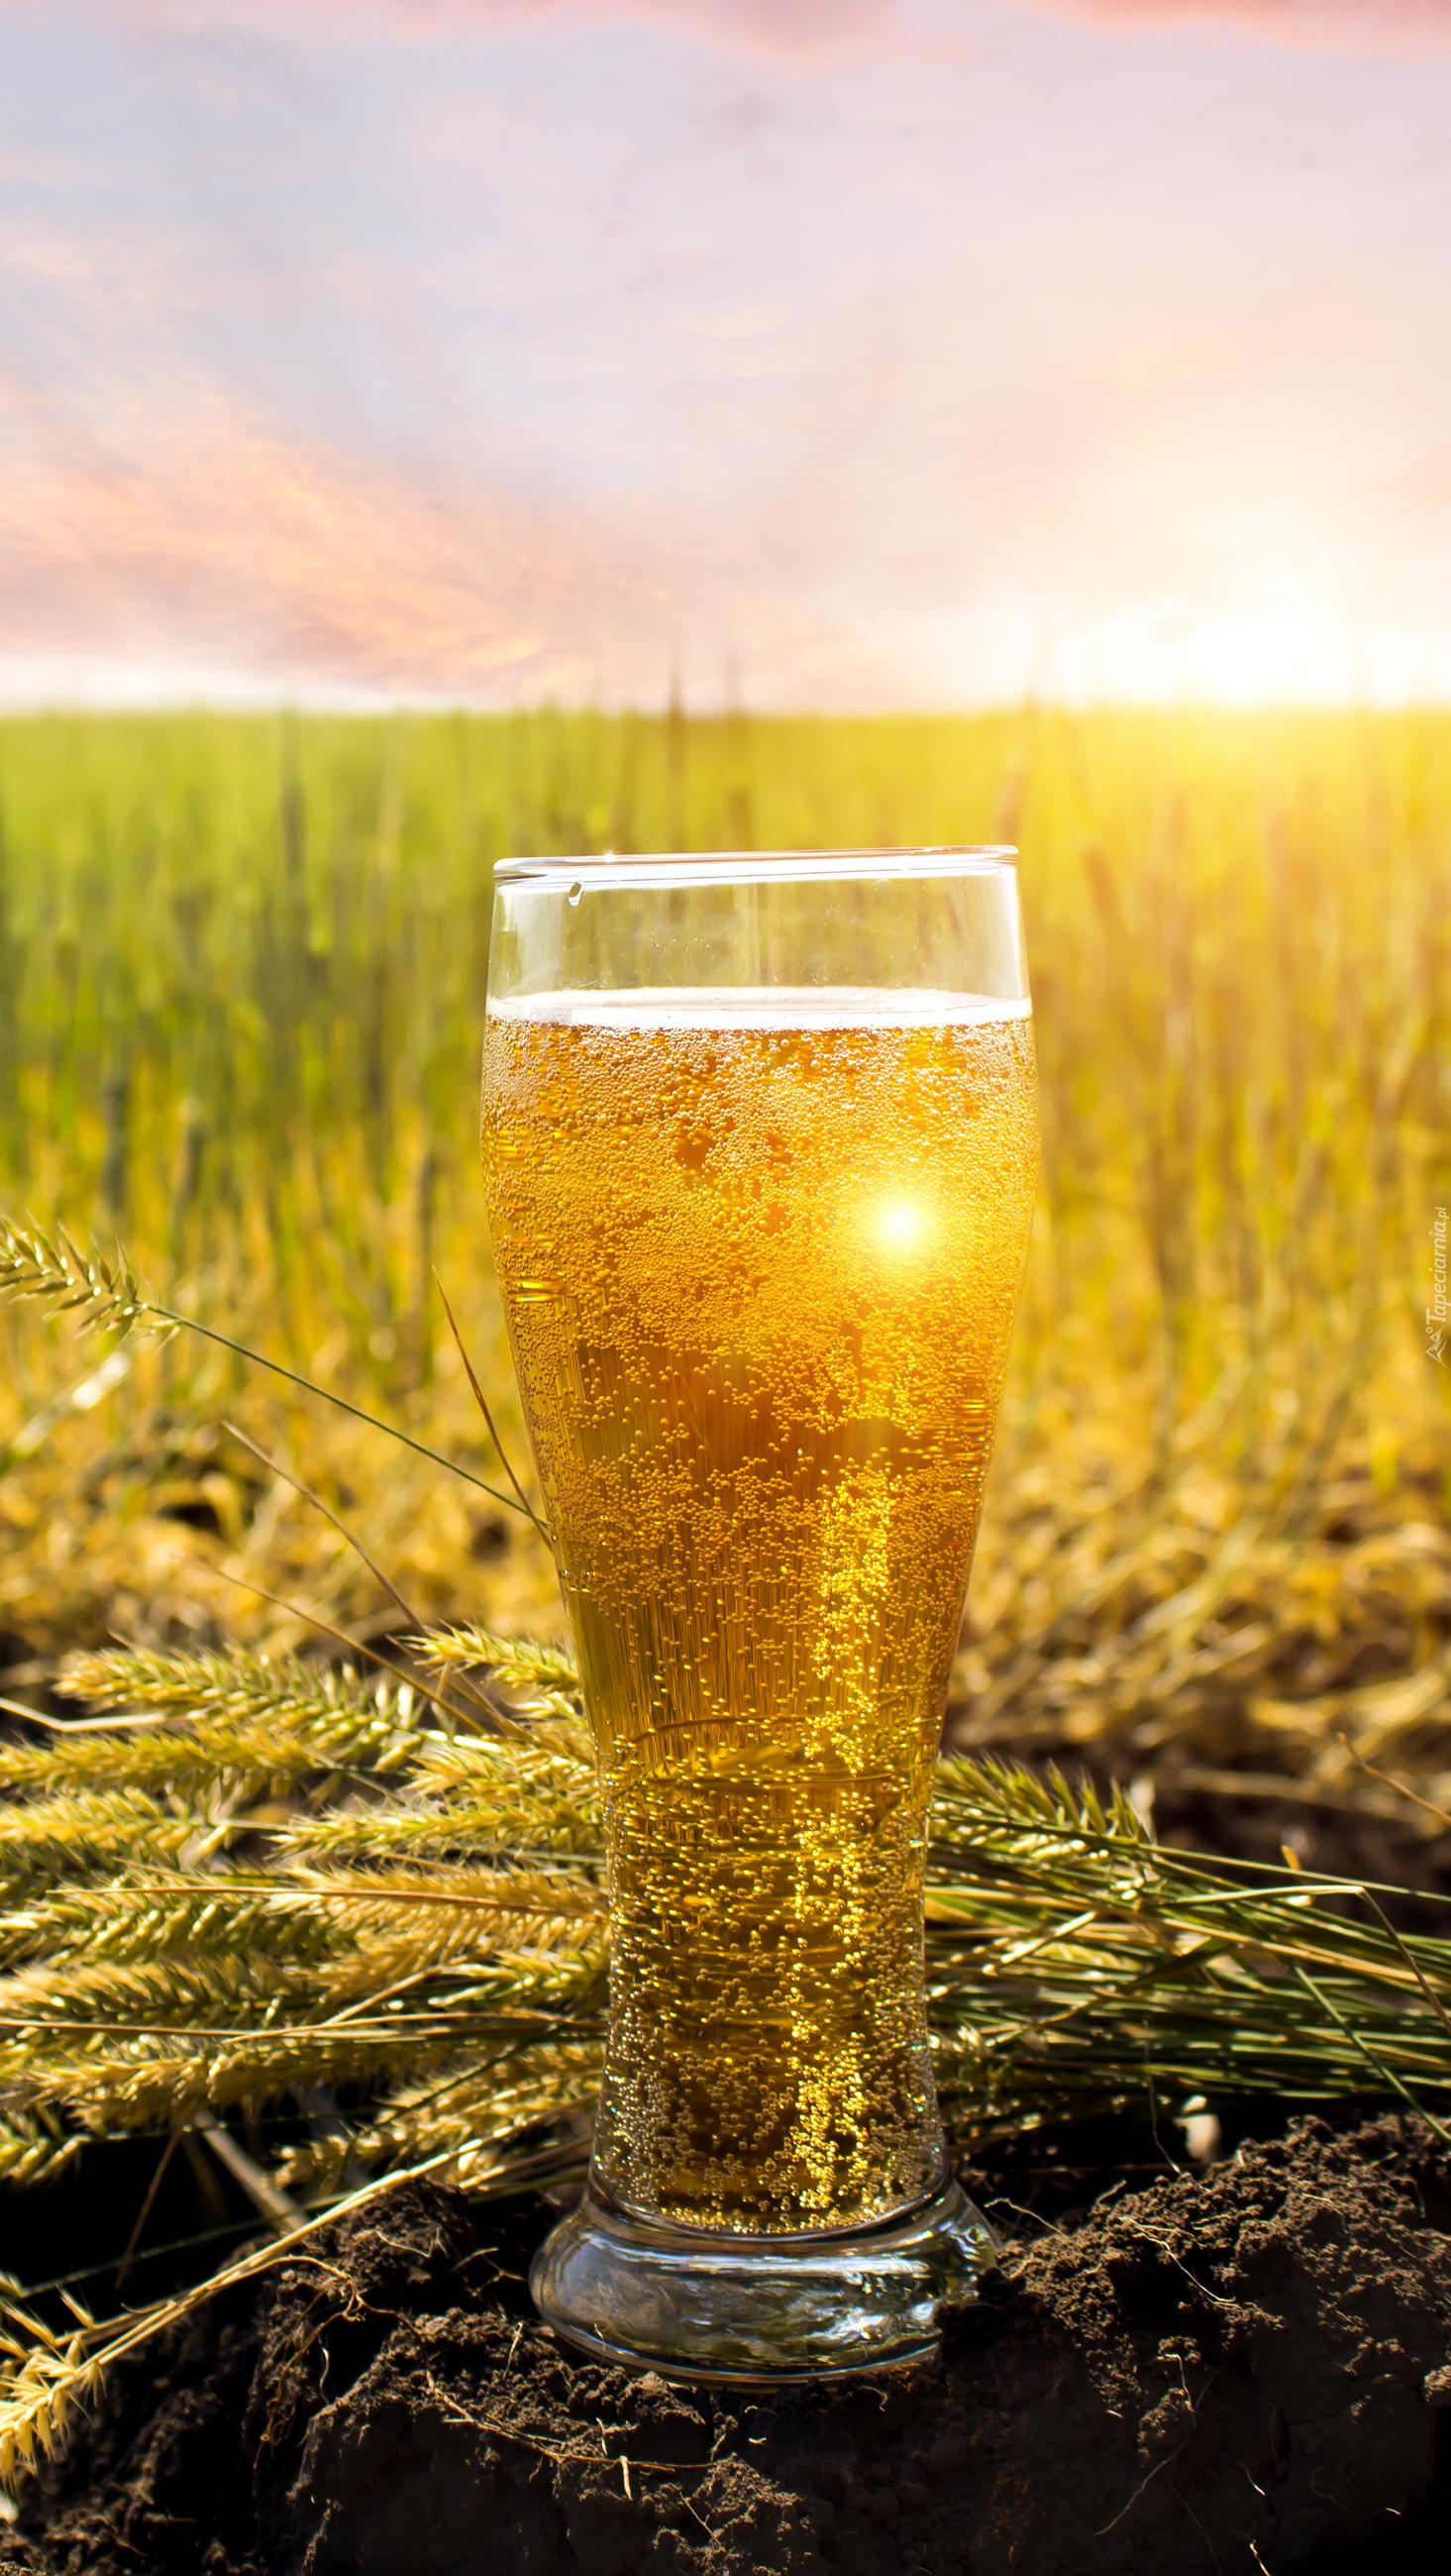 Szklanka piwa w zbożu